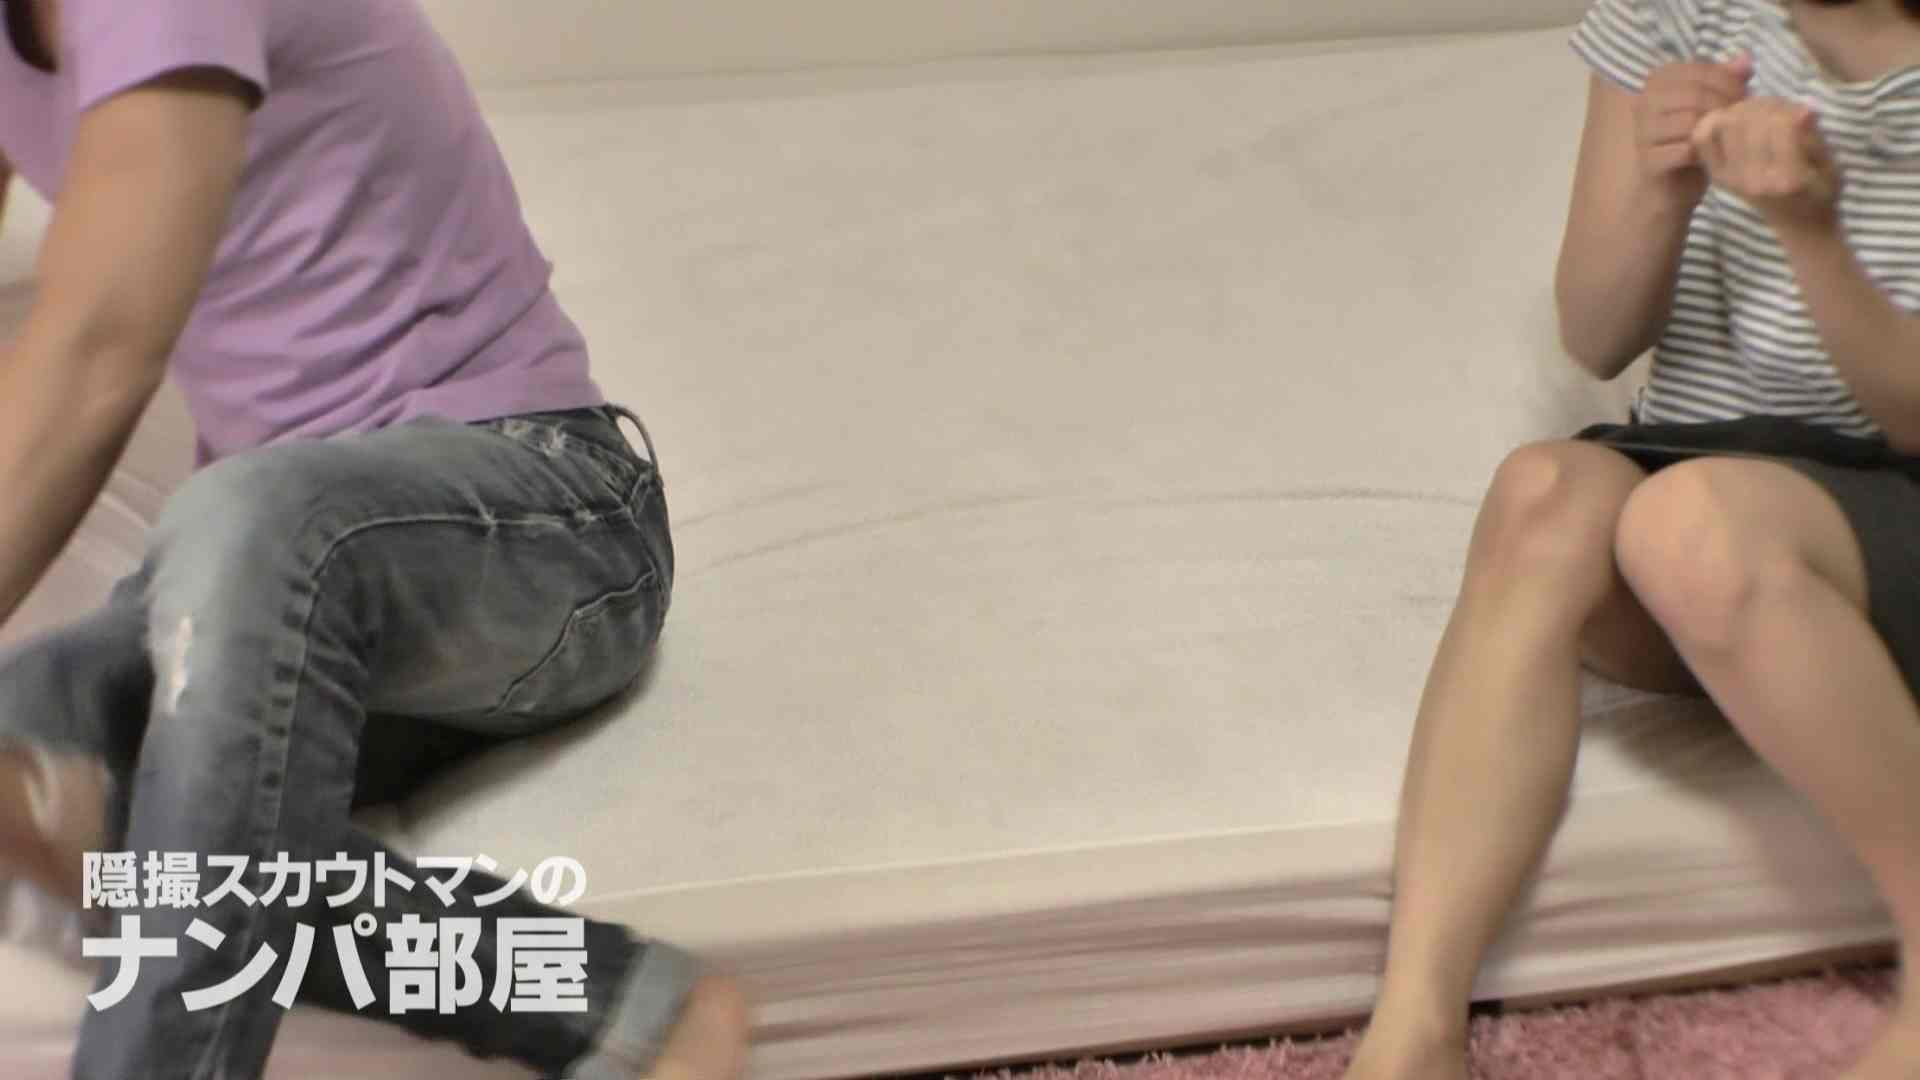 隠撮スカウトマンのナンパ部屋~風俗デビュー前のつまみ食い~ siivol.3 ナンパ セックス無修正動画無料 105連発 35